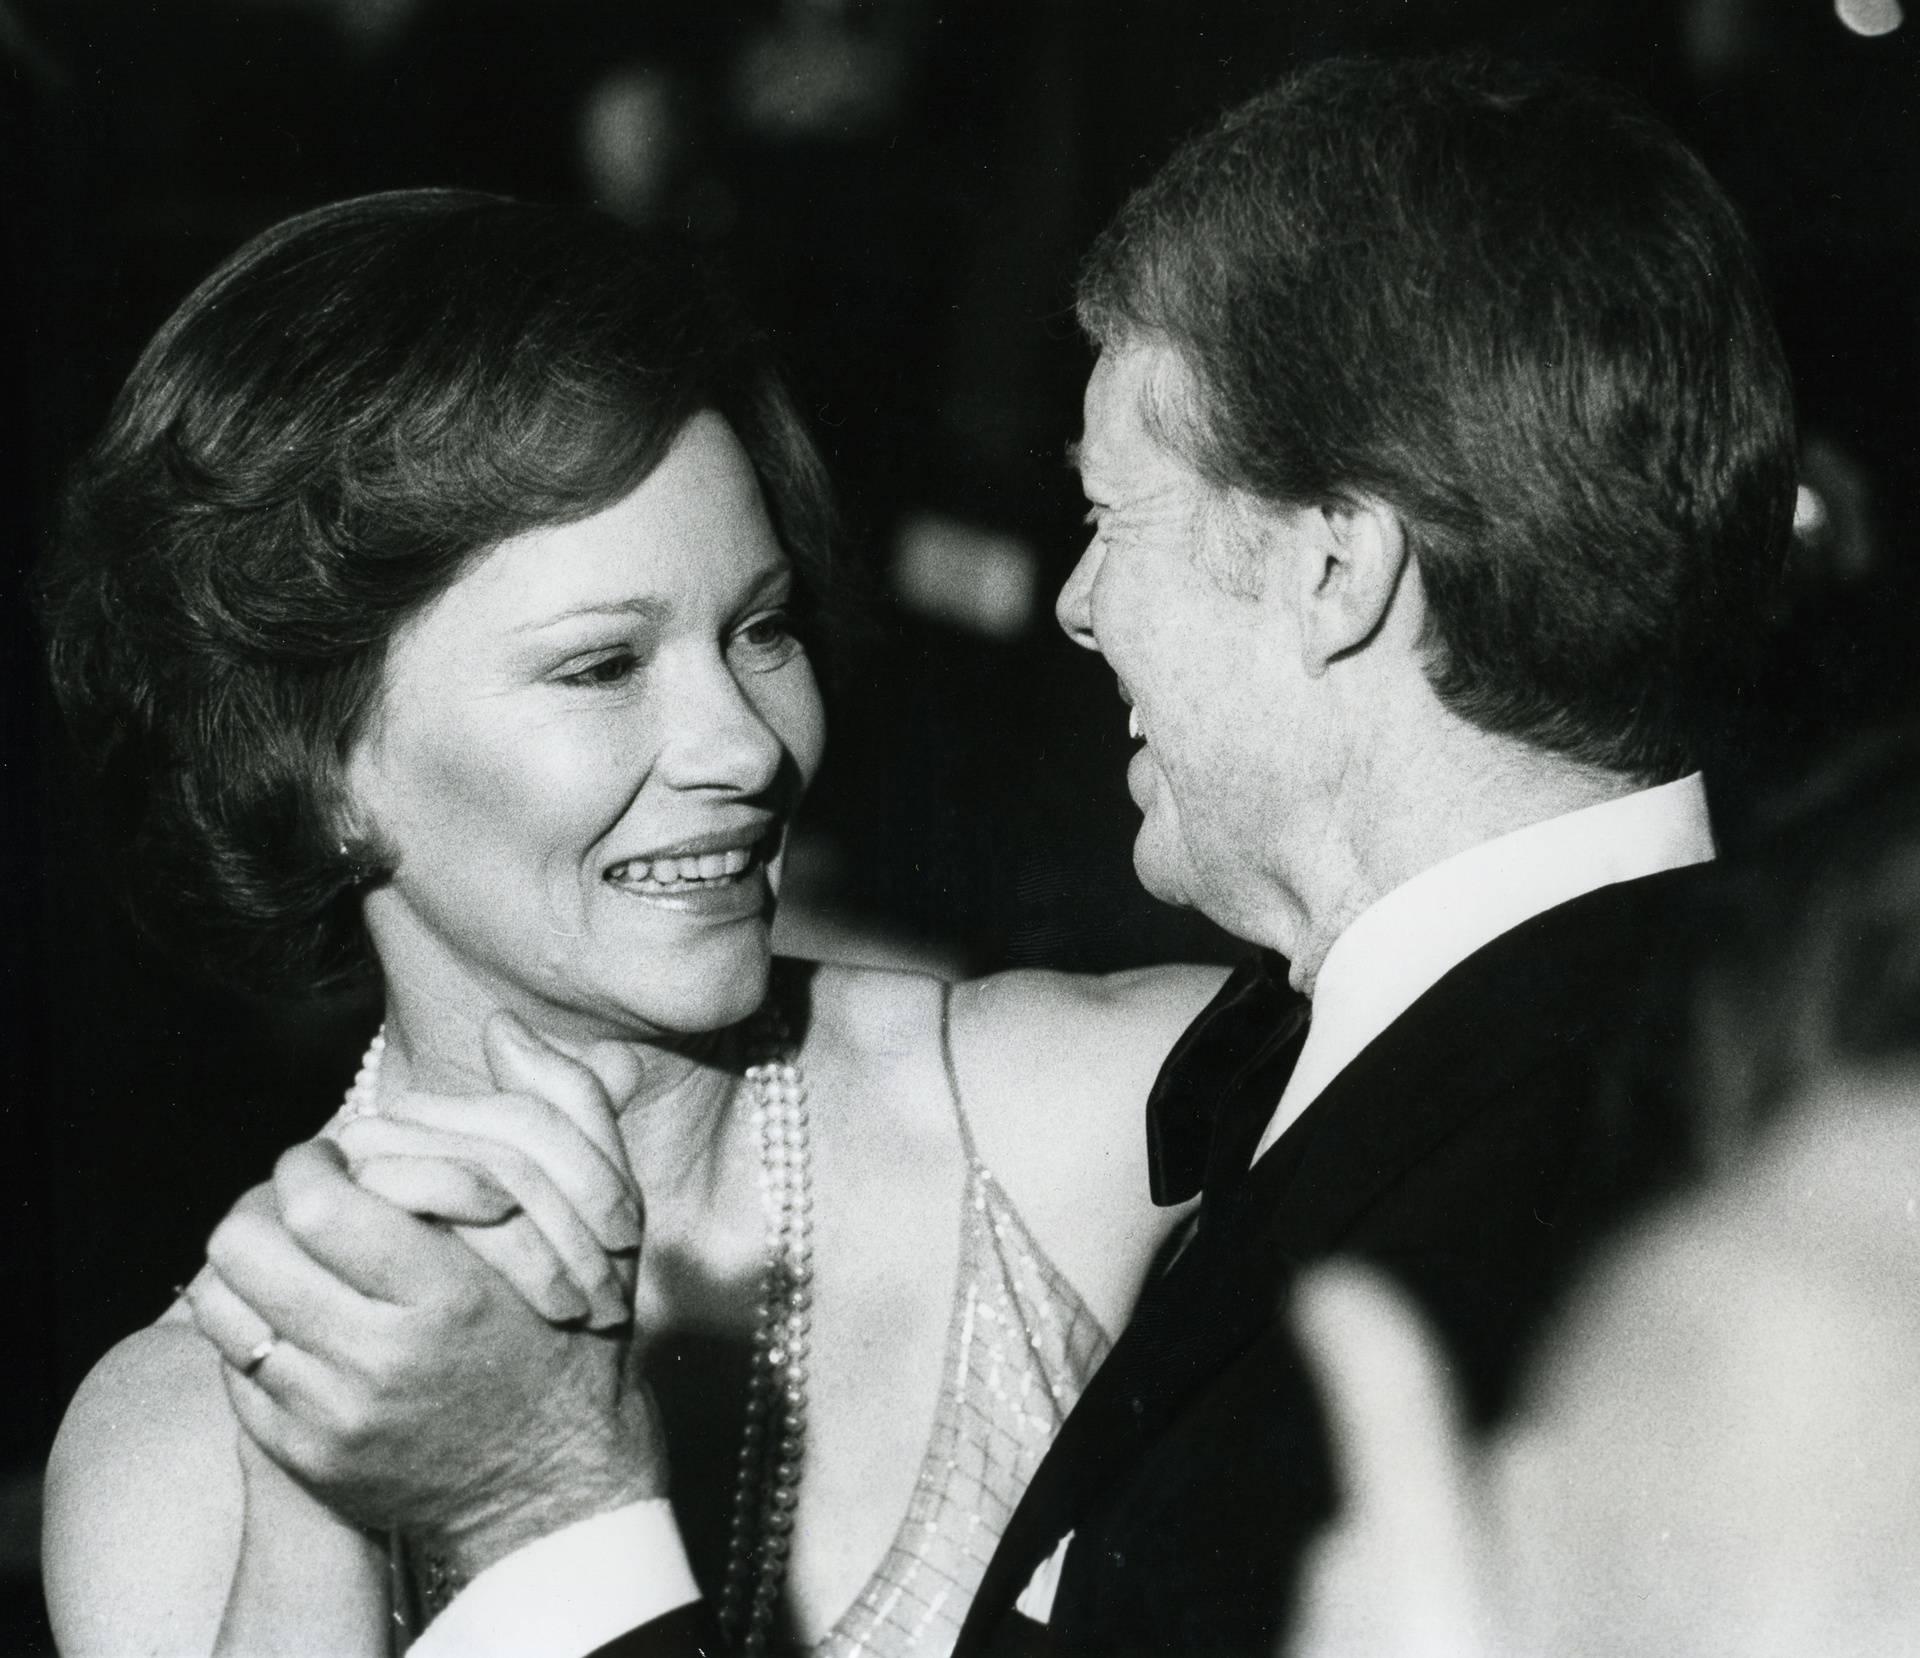 Jimmy und Rosalynn Carter beim Tanz / Foto